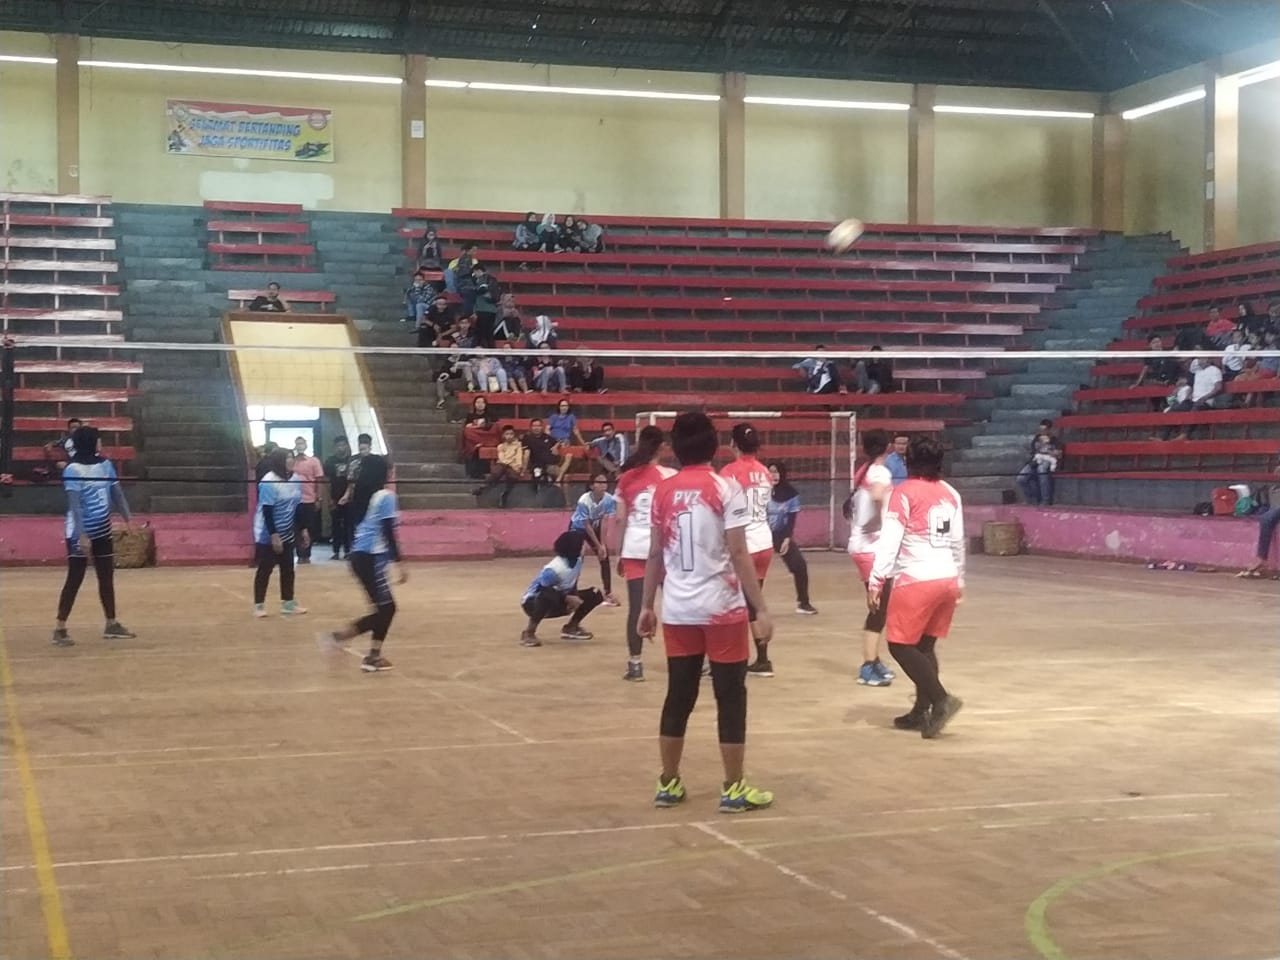 Suasana pertandingan bola volley putri antara Pervos Sukorejo melawan Bahurekso Kendal / foto dessy